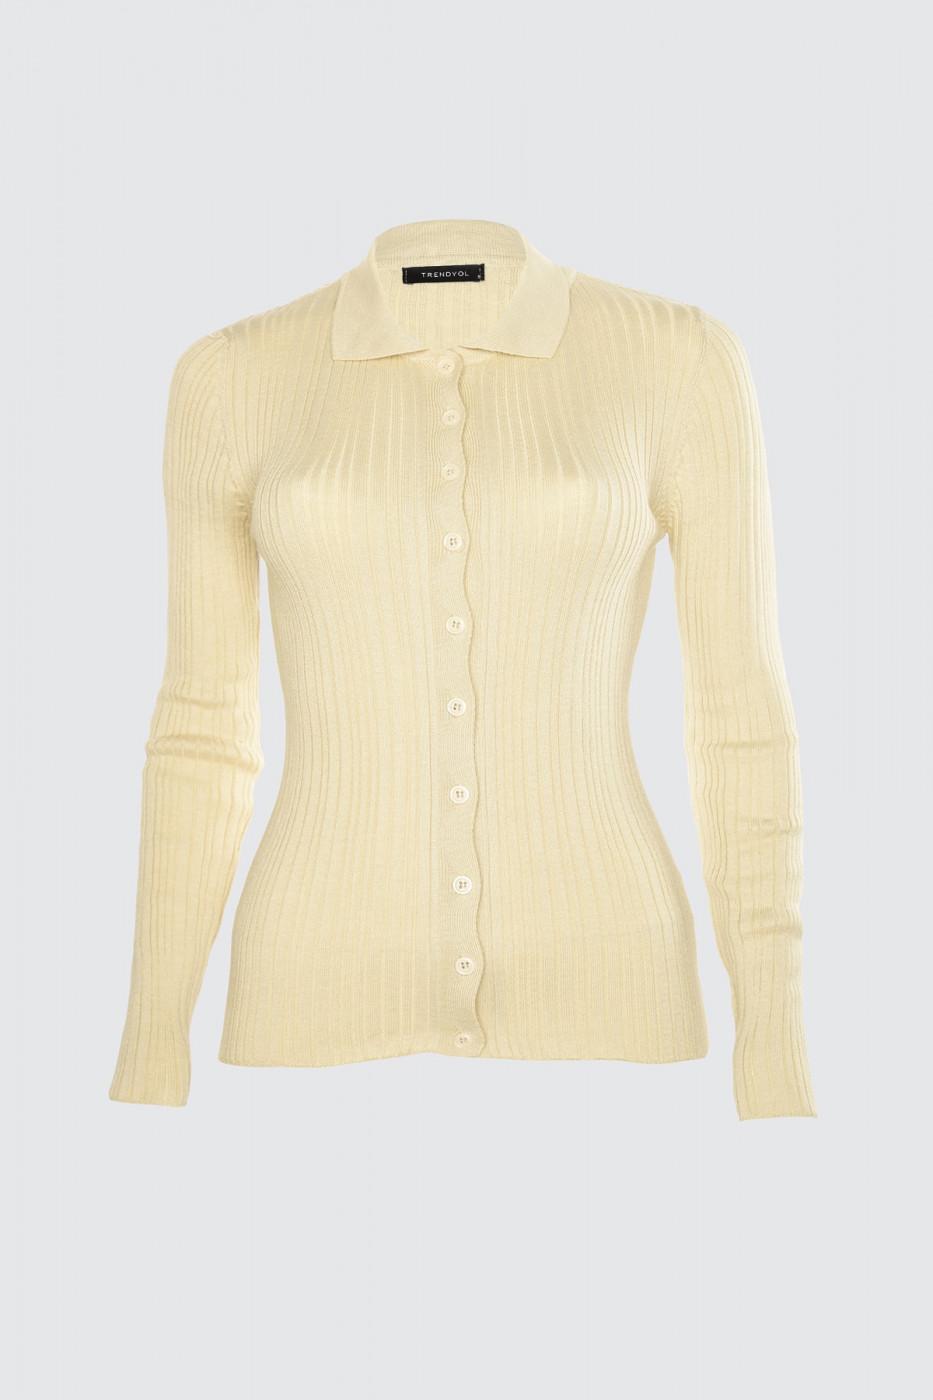 Trendyol Stone Button KnitWear Sweater Cardigan